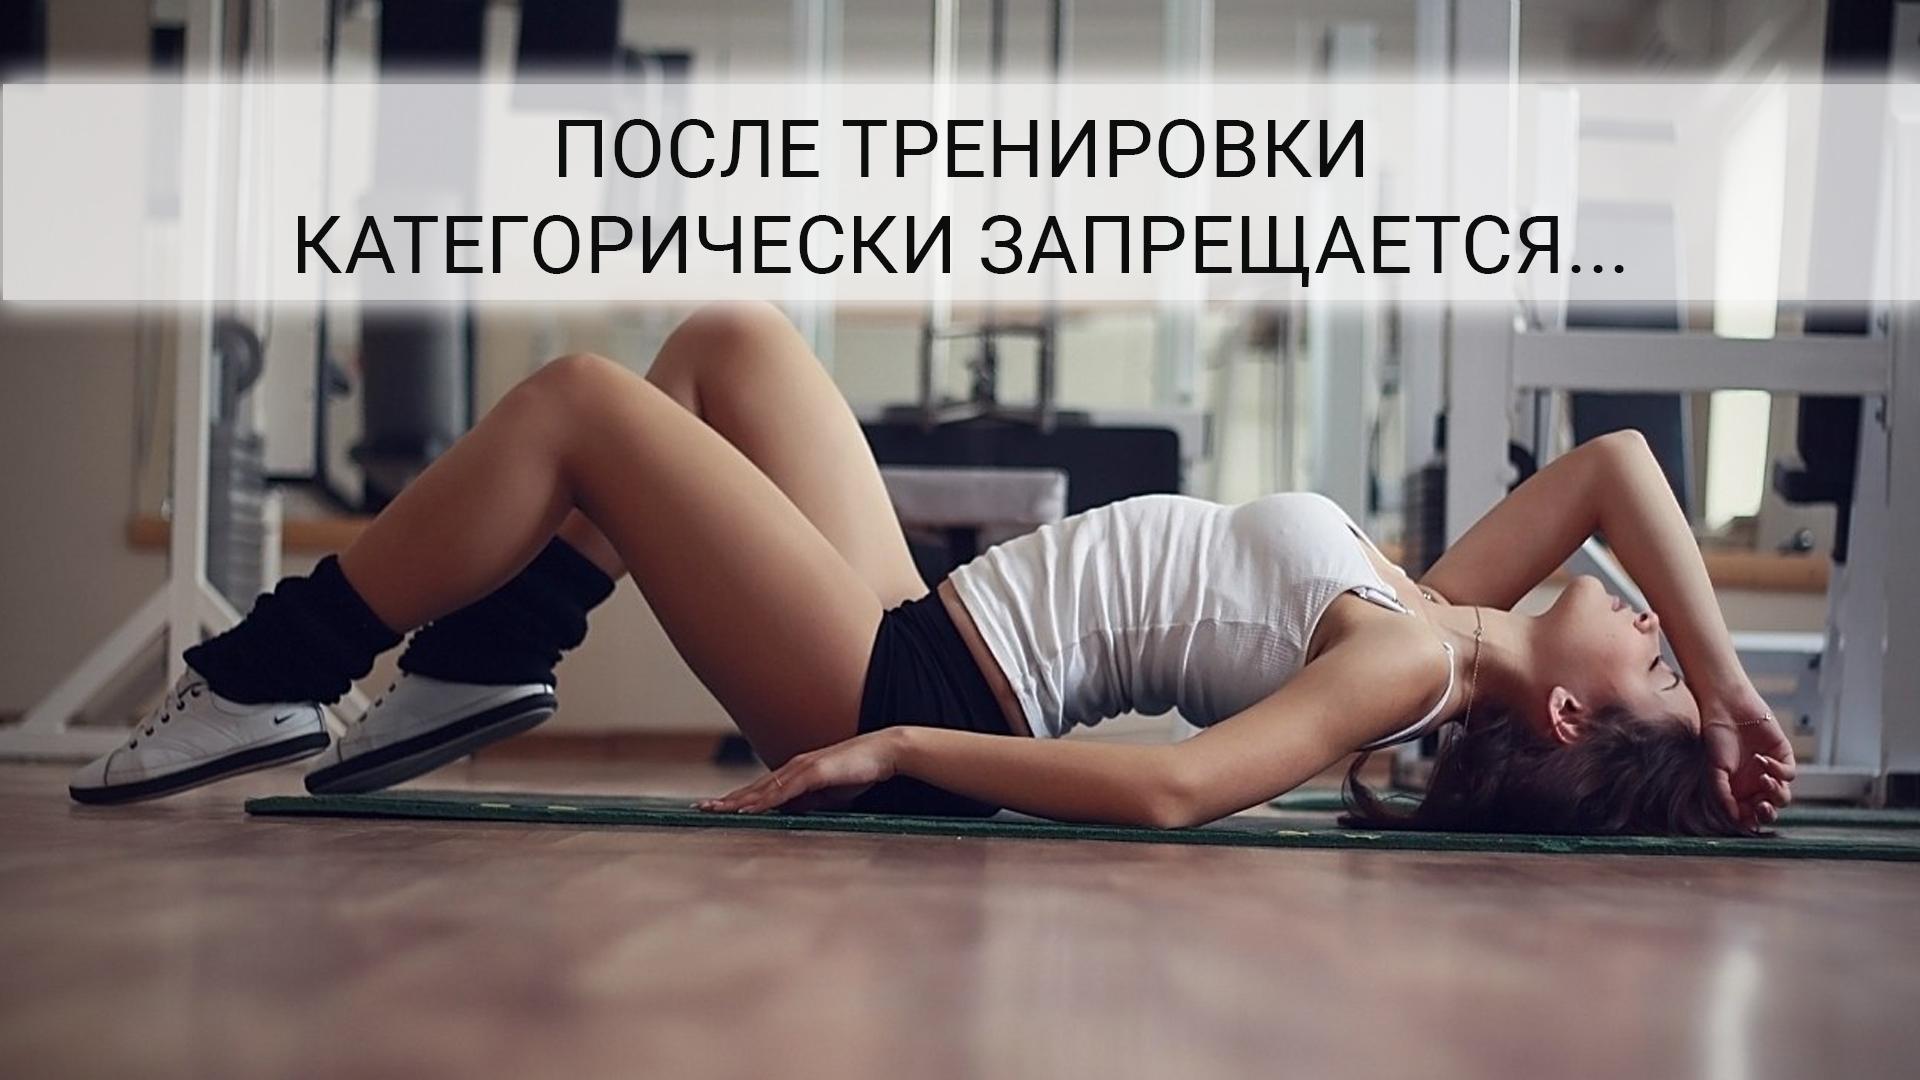 Что нельзя делать после тренировки